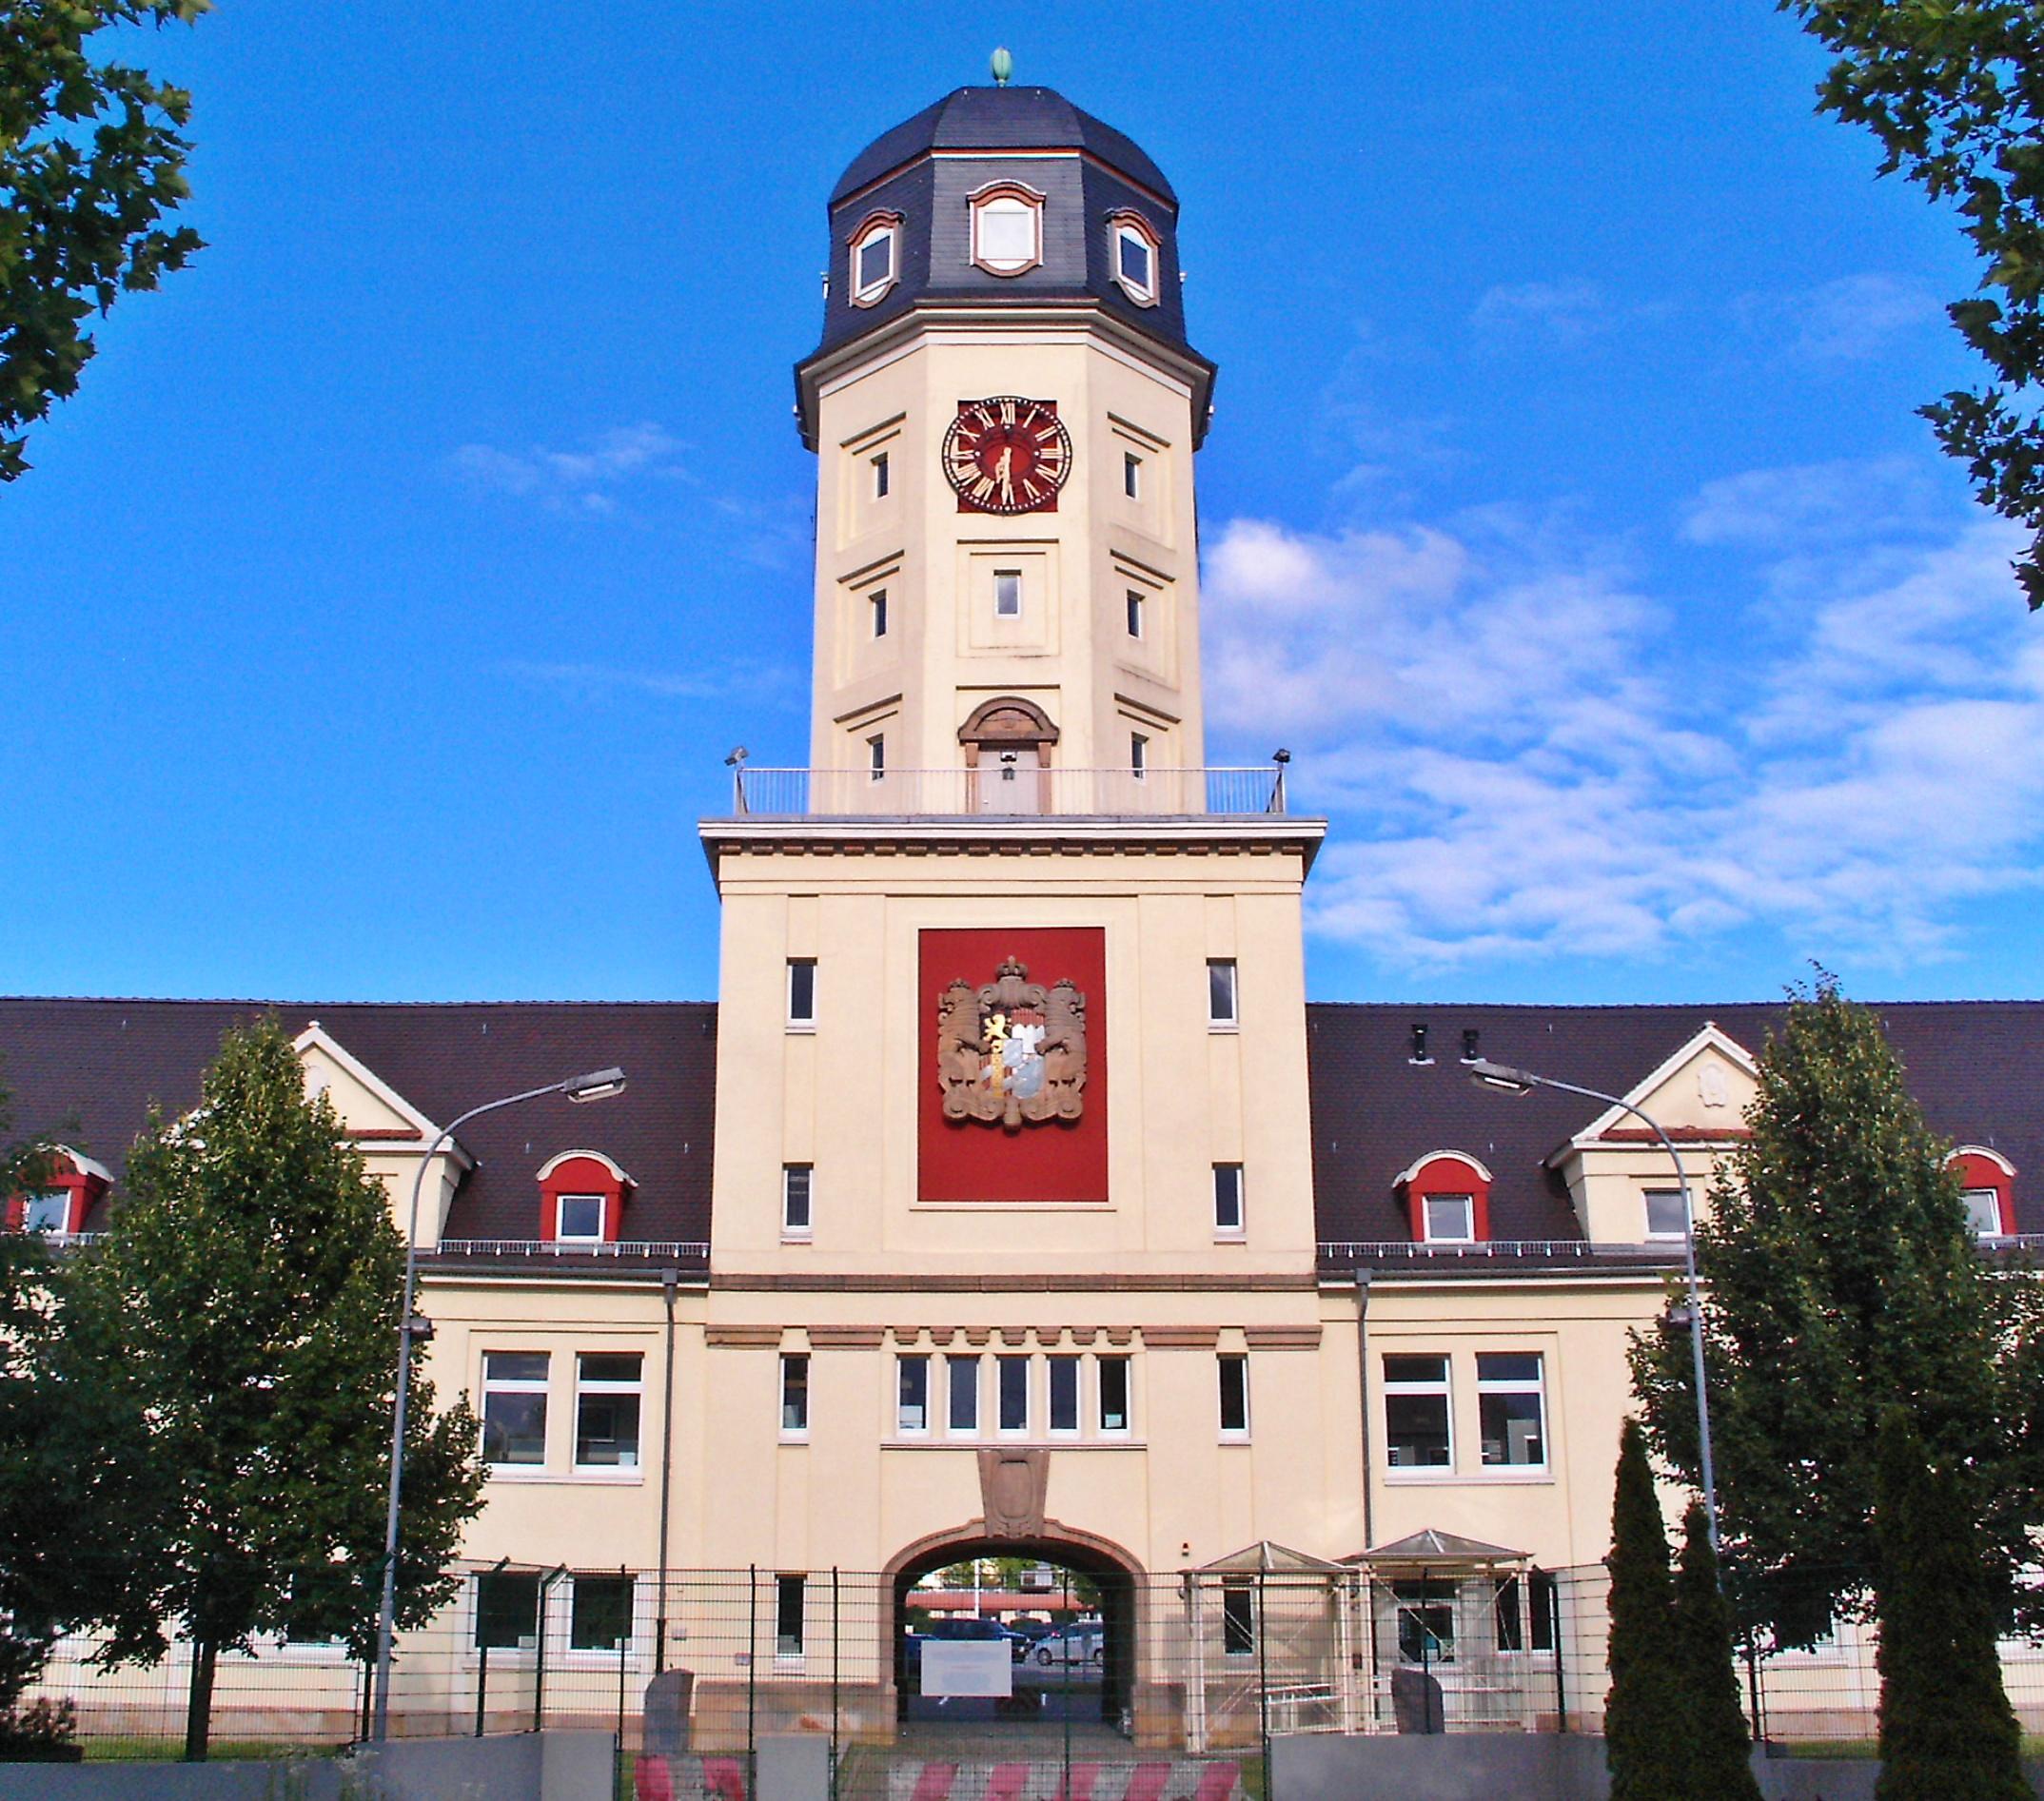 Architekt Kaiserslautern liste der kulturdenkmäler in kaiserslautern